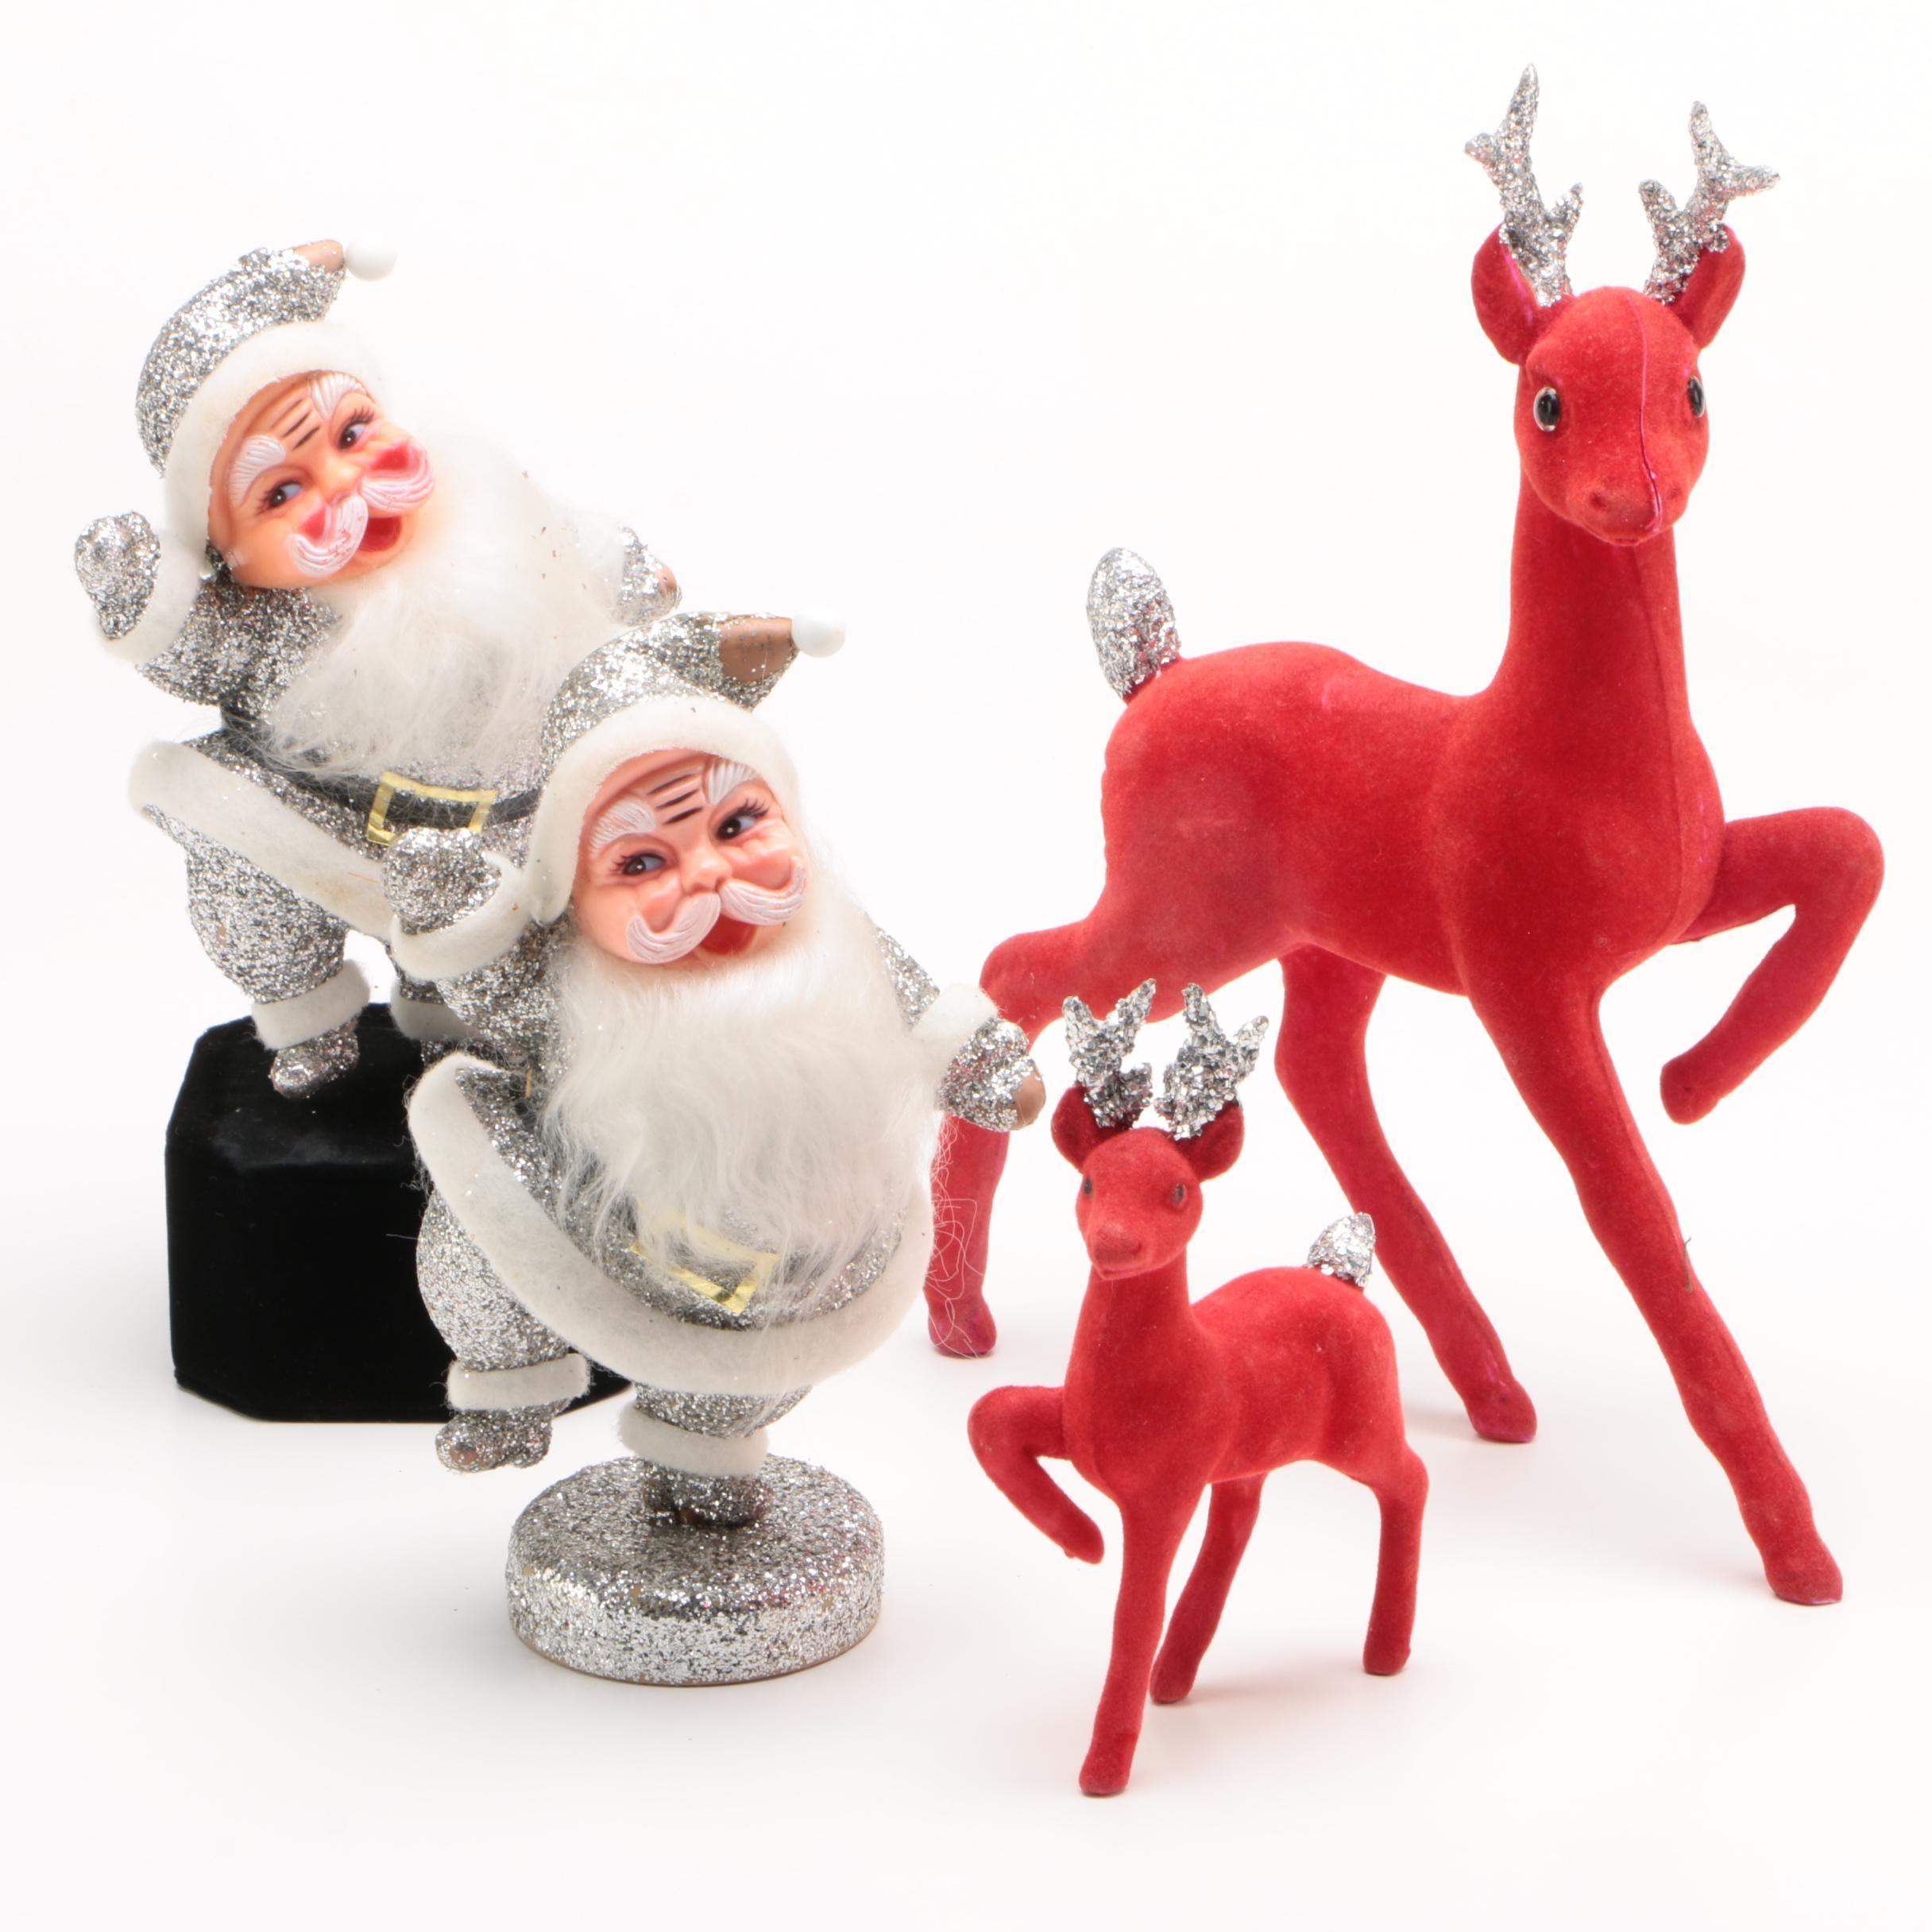 Japanese Putz Glitter Santa and Reindeer Figurines, Mid-Century